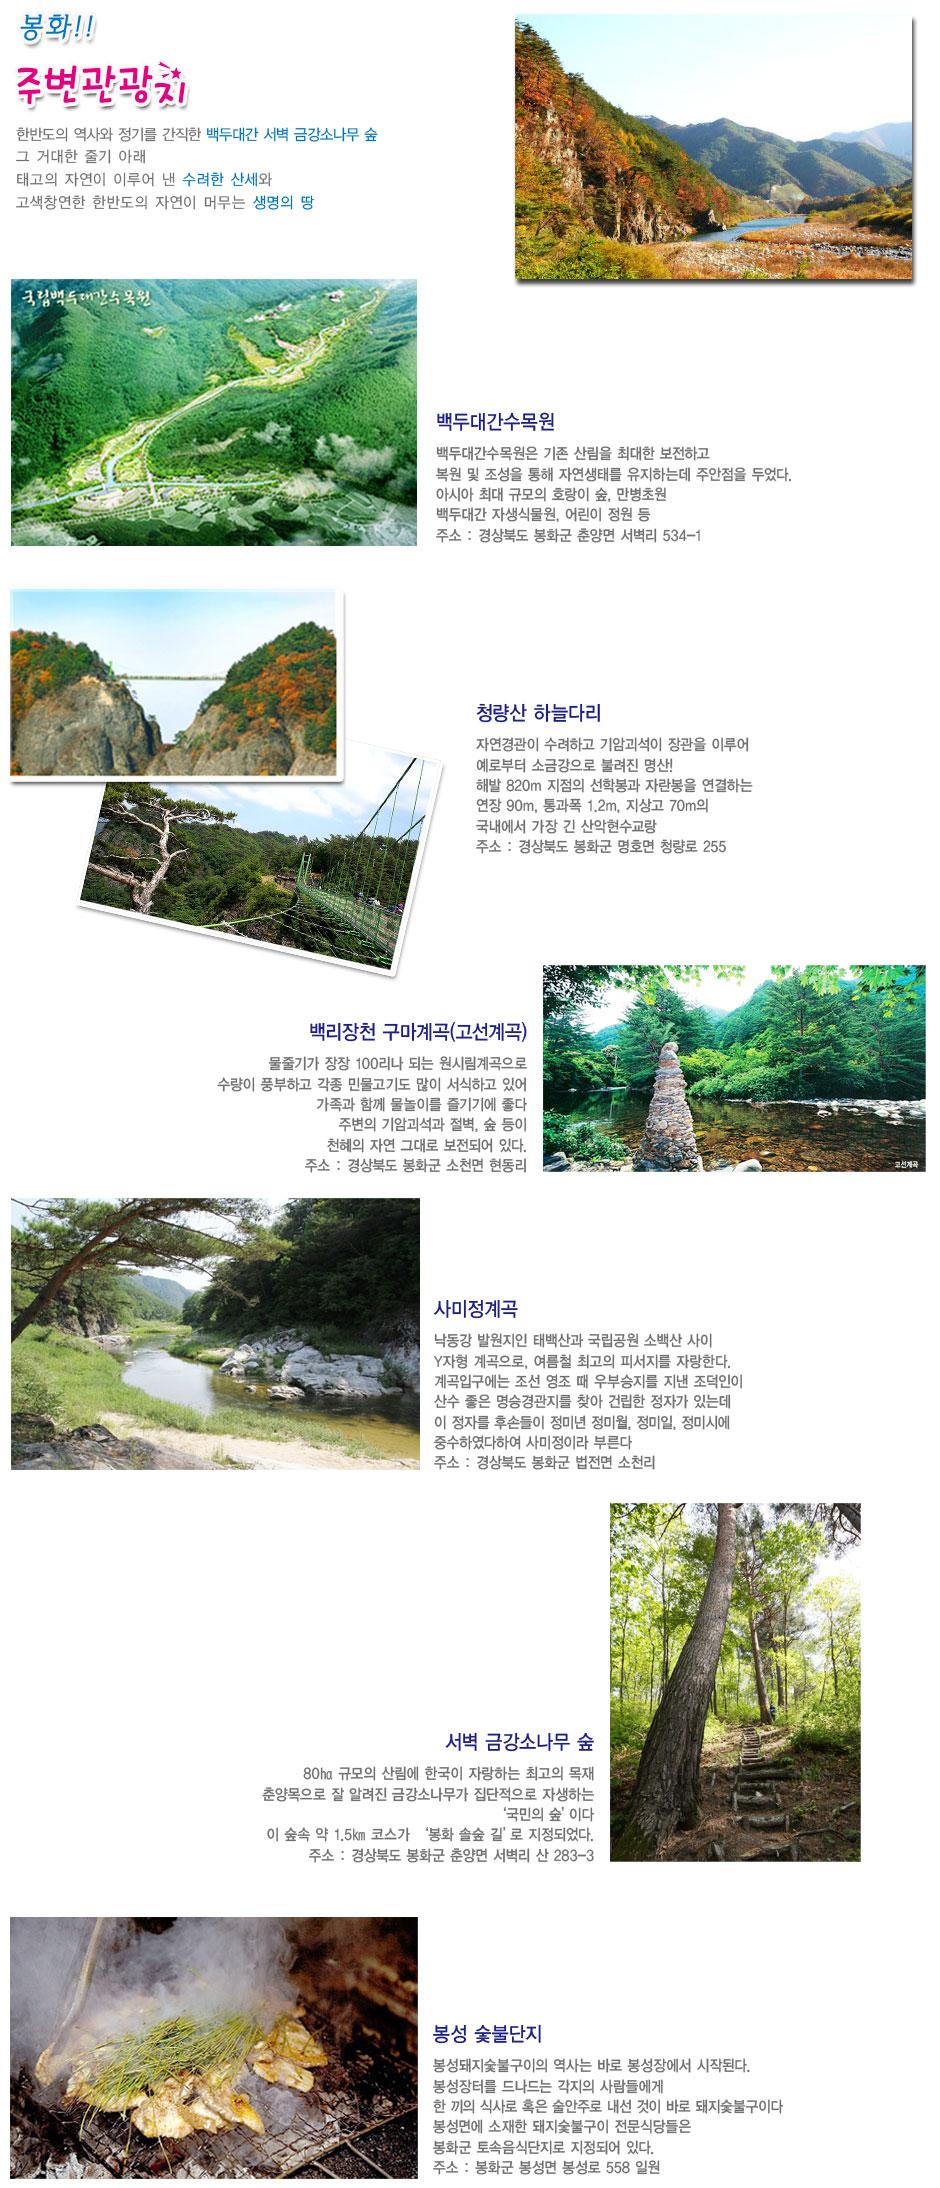 마을관광산책로.jpg